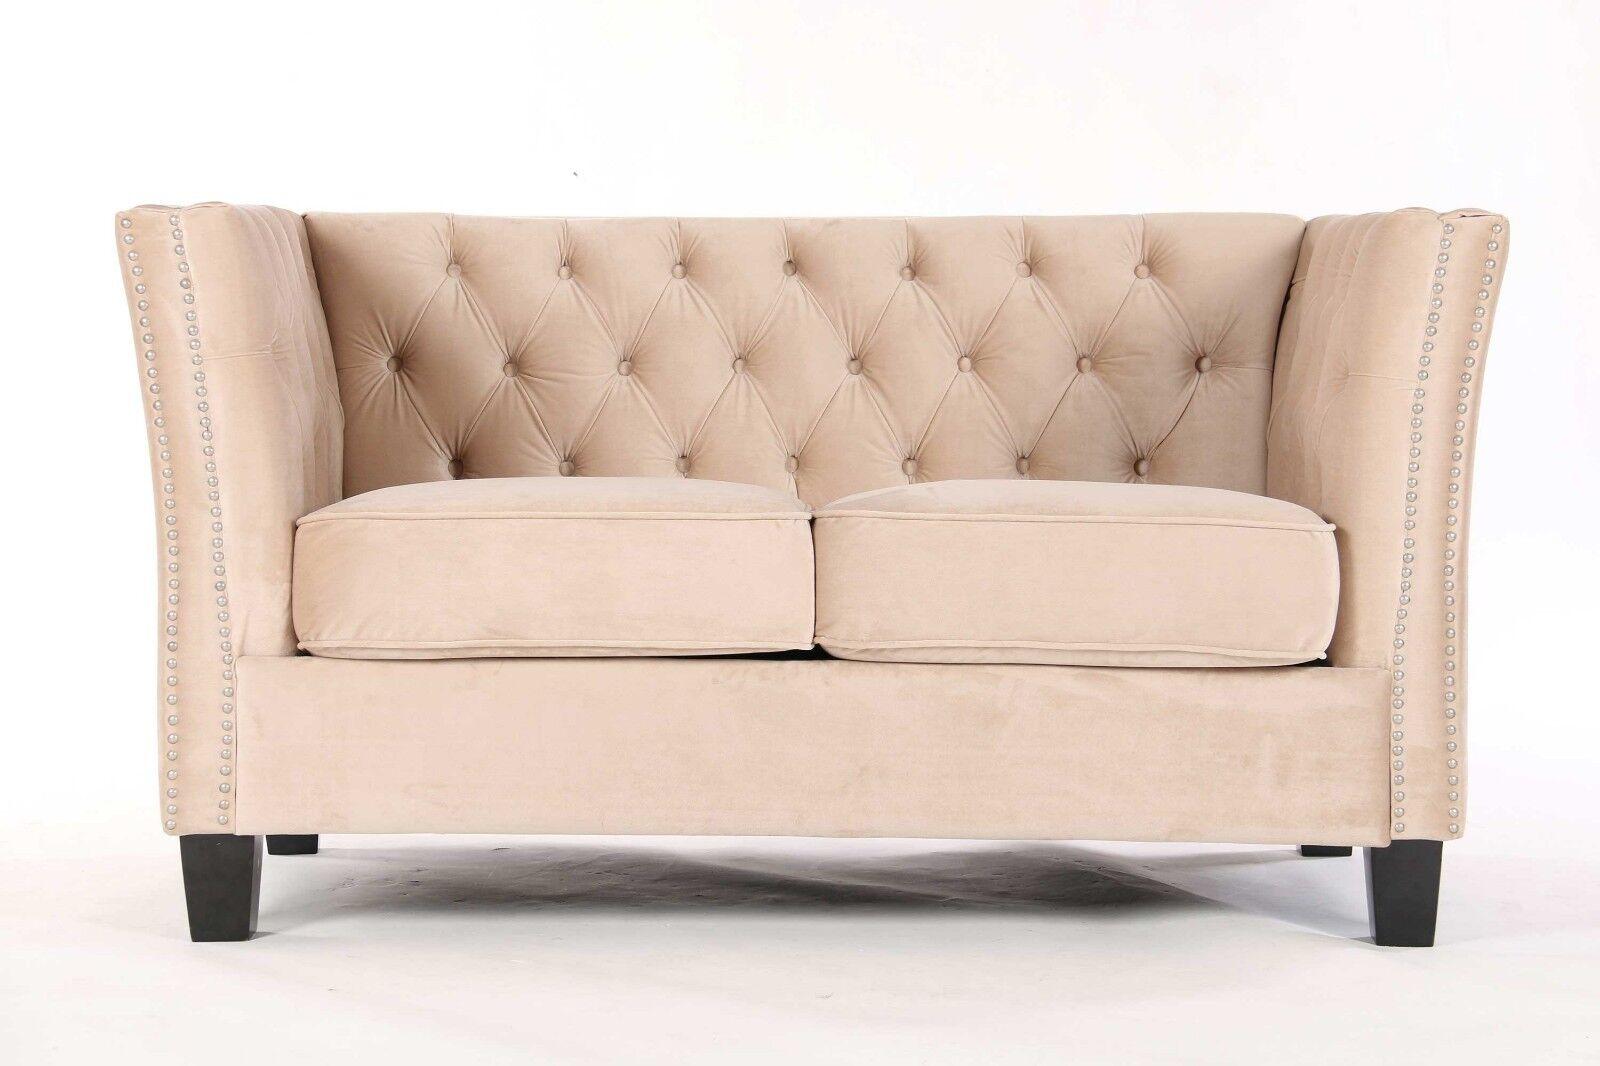 2 Seater Velvet Sofa Mink Or Grey